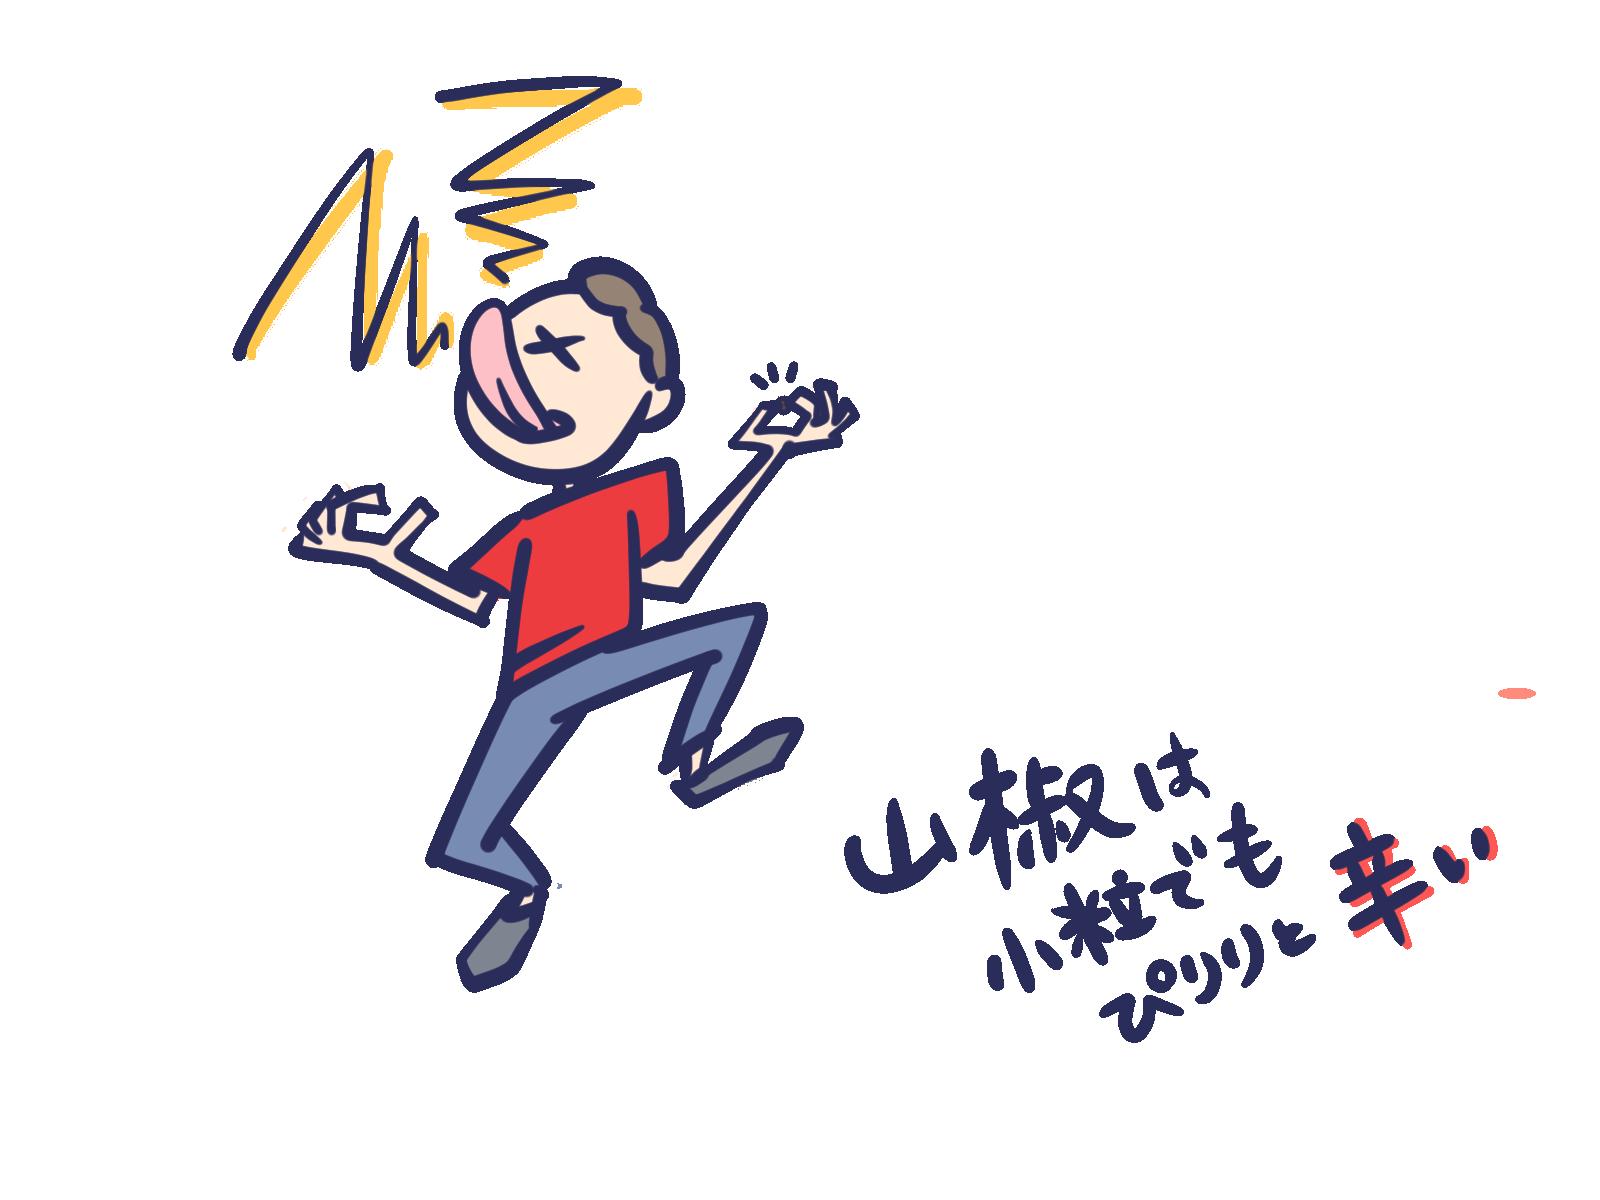 【故事・ことわざ】山椒は小粒でもぴりりと辛い(さんしょうはこつぶでもぴりりとからい)